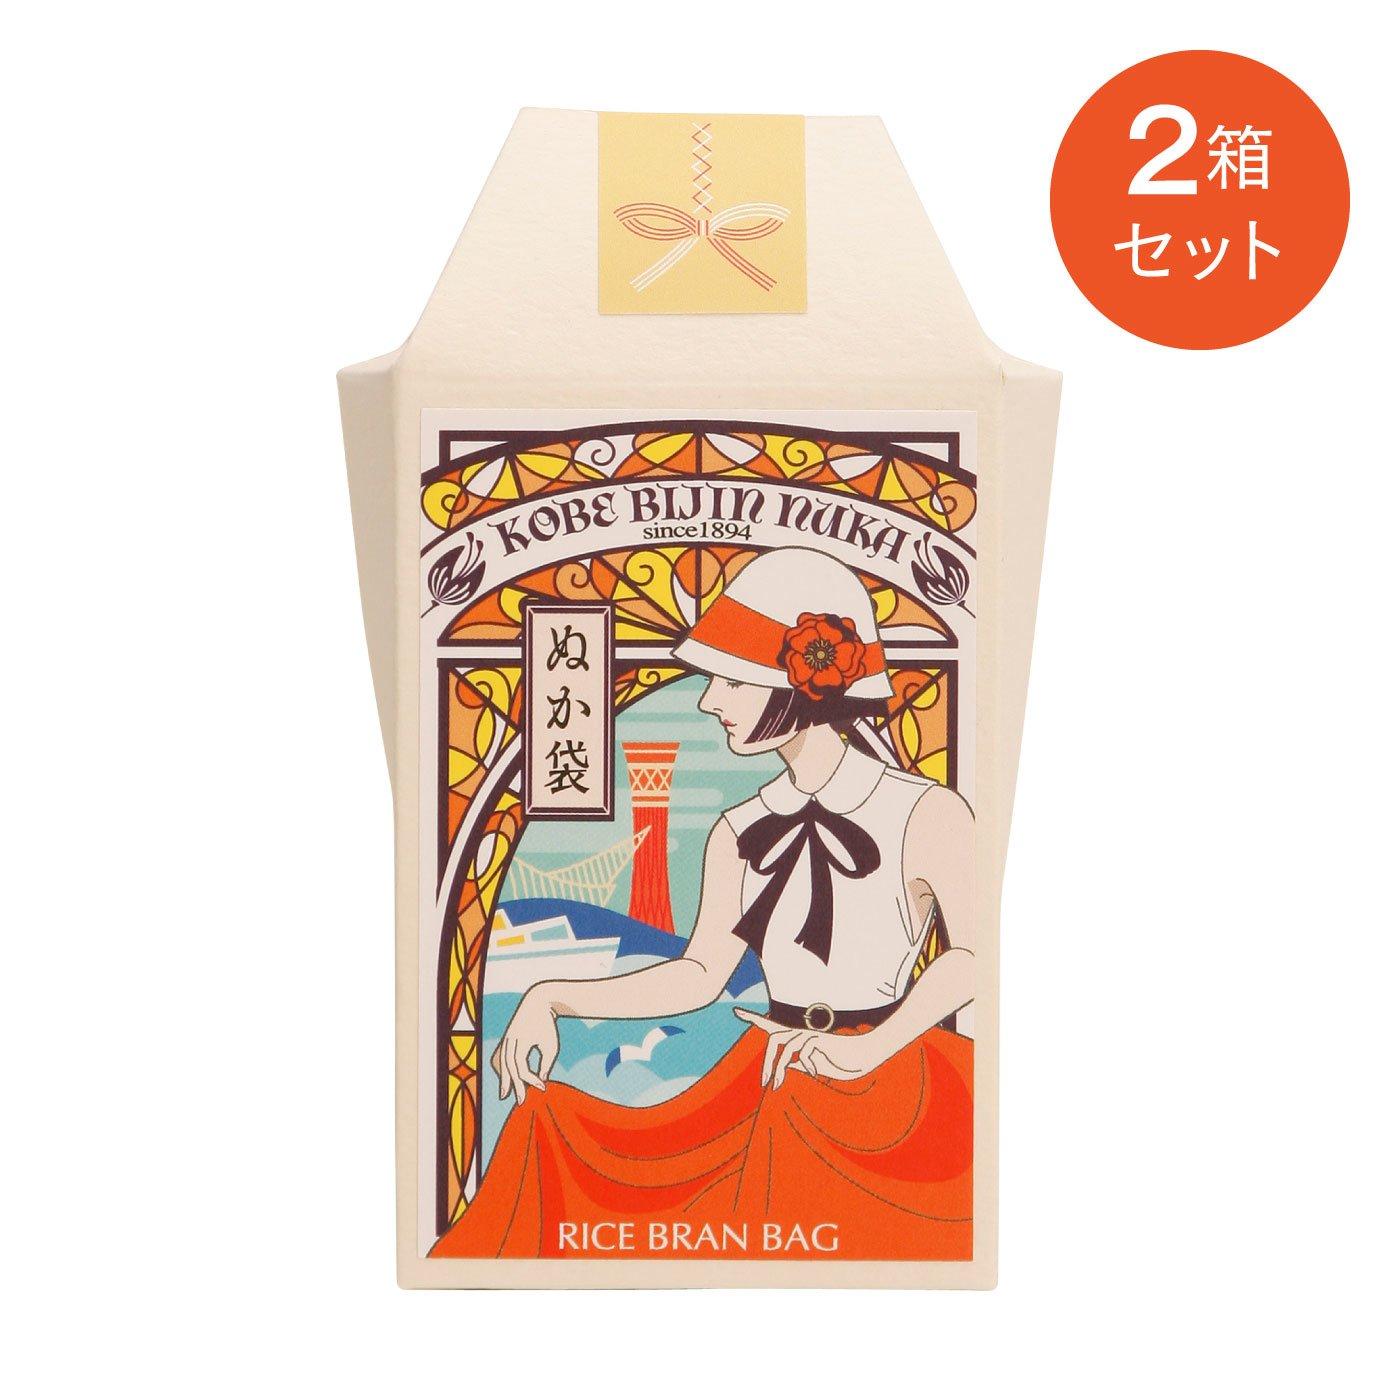 神戸美人ぬか つるつるすべすべ肌に磨く ぬか袋(ぬか袋タイプの洗身・洗顔料)〈2箱セット〉の会